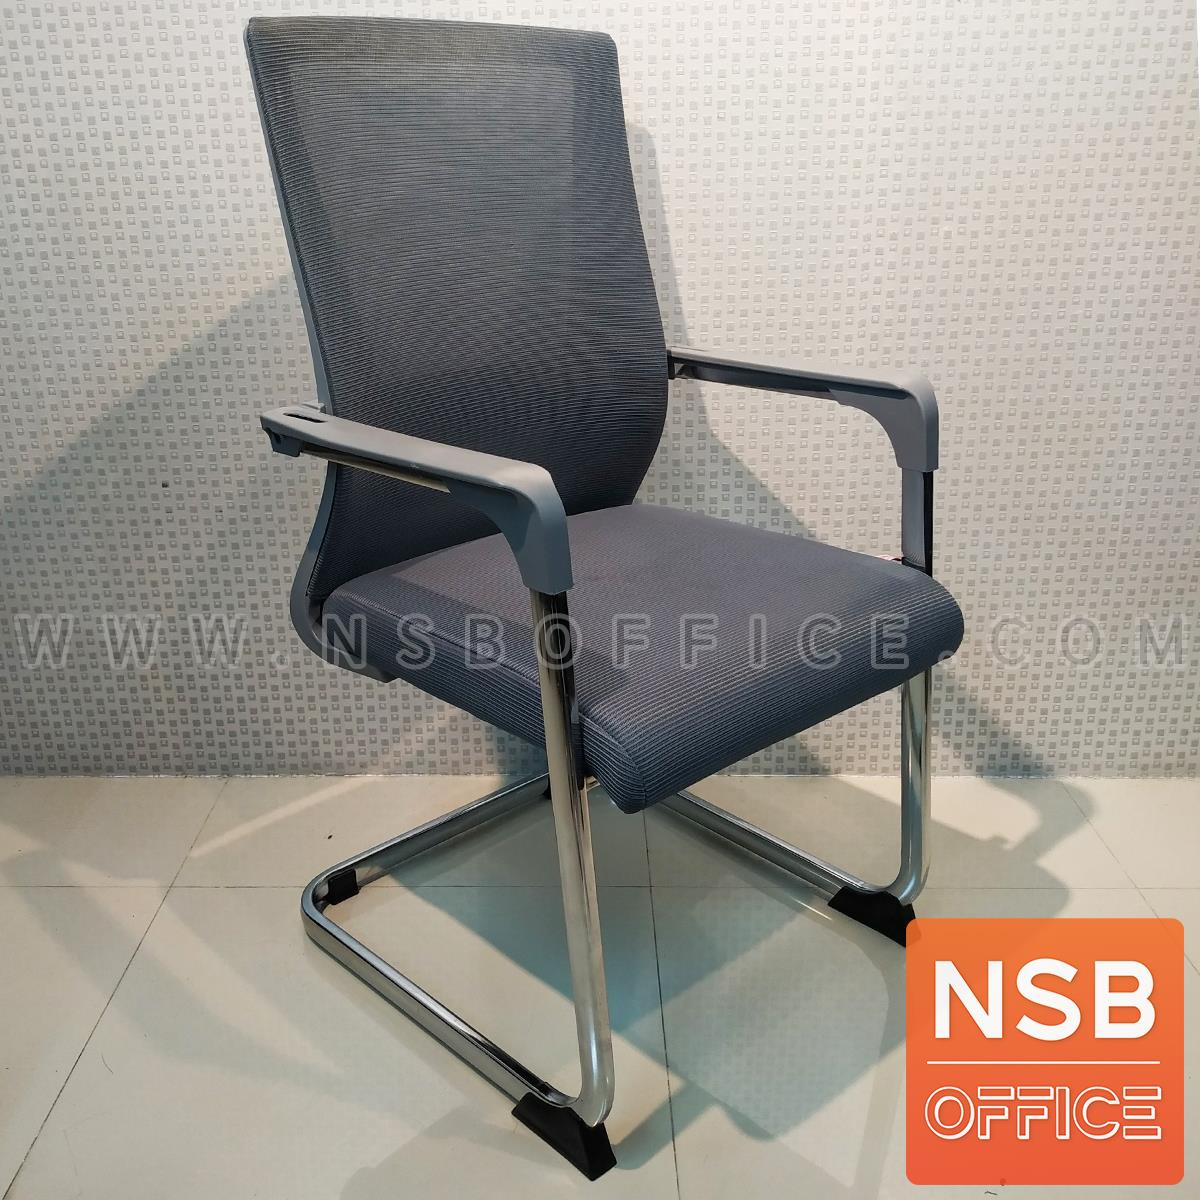 B04A203:เก้าอี้รับแขกหลังเน็ต รุ่น Chesford (เชสฟอร์ด)  ขาเหล็กชุบโครเมี่ยม